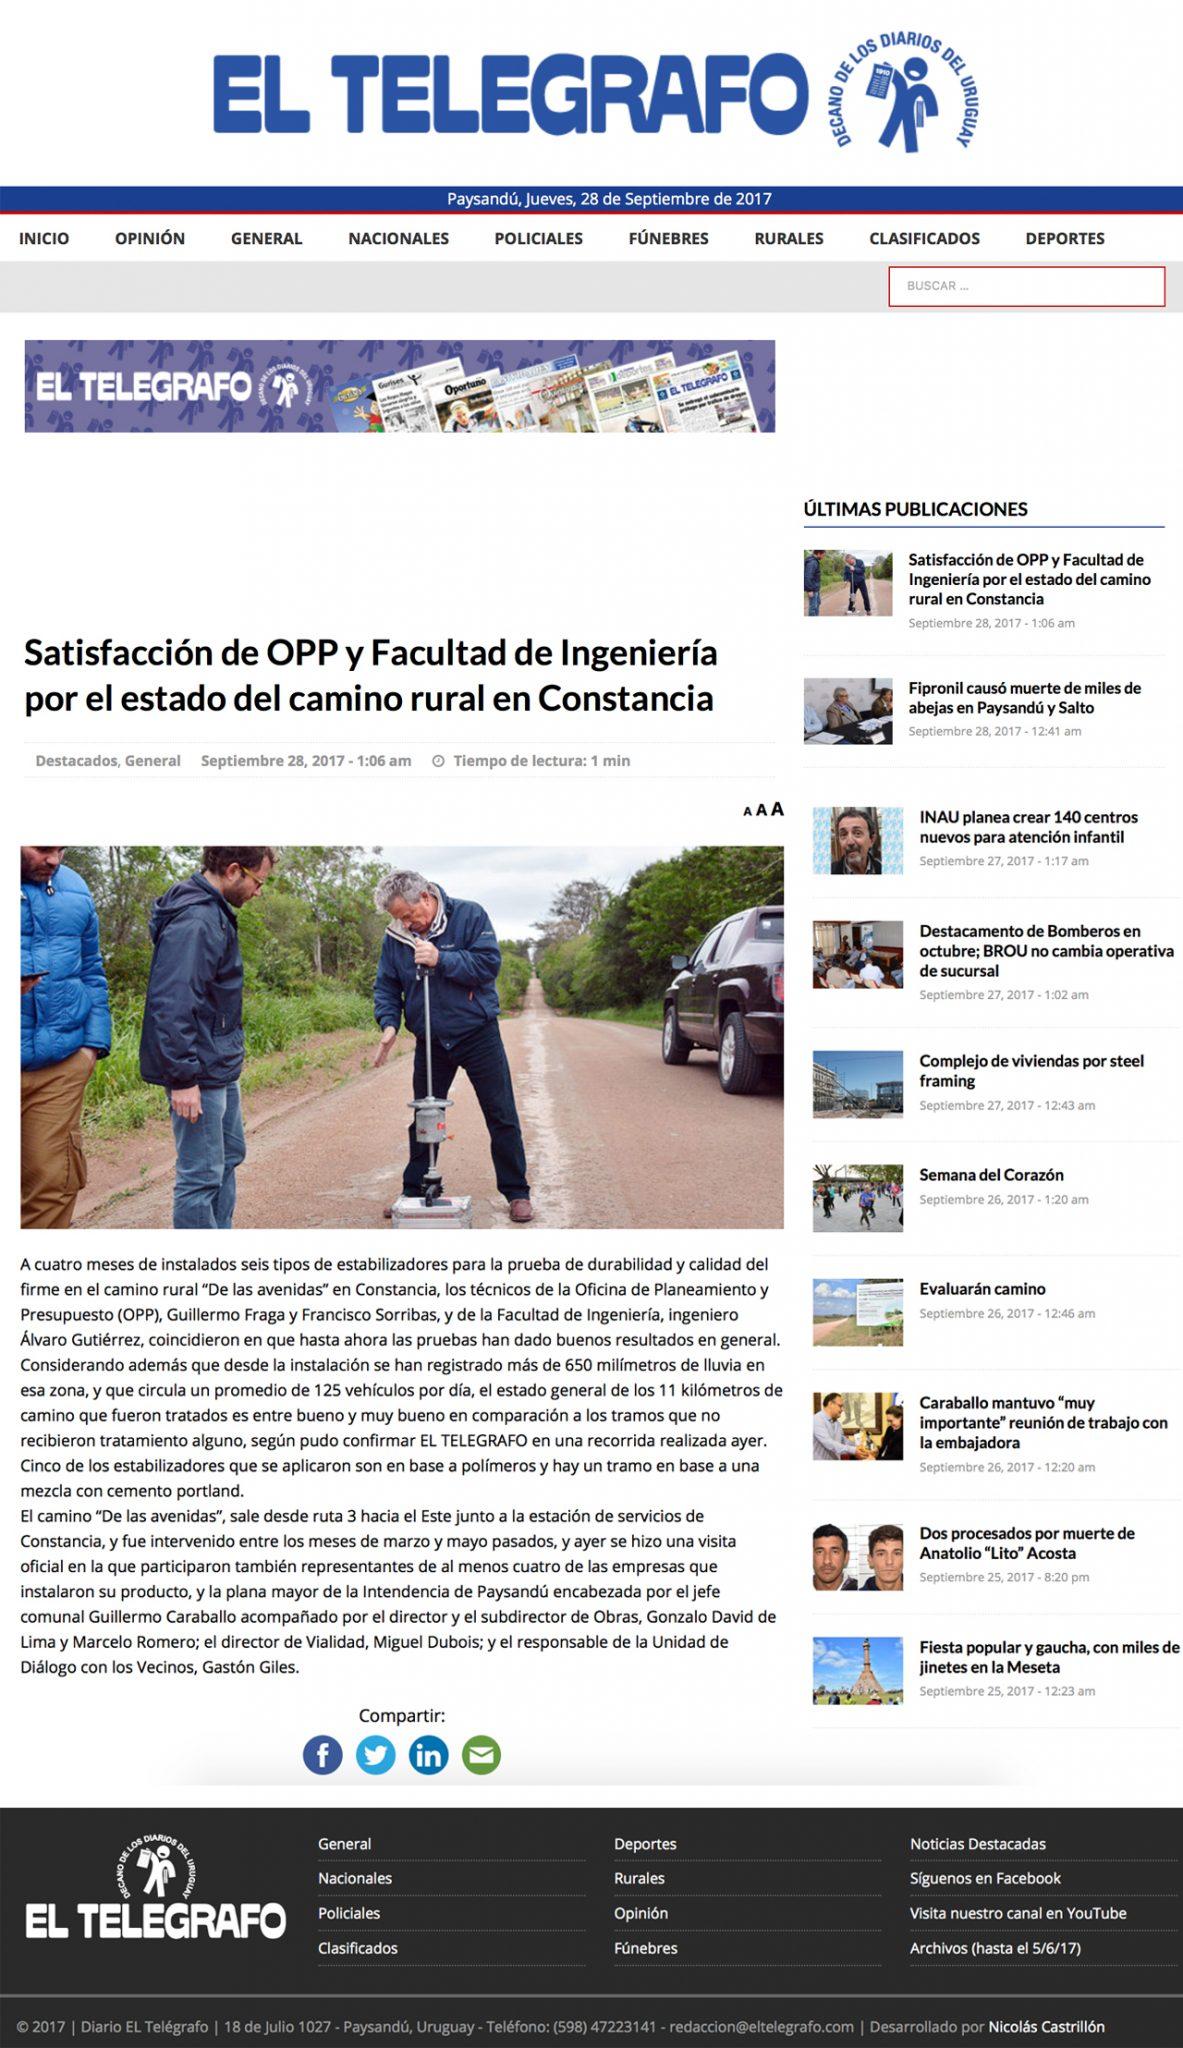 Satisfacción de OPP  y Facultad de Ingeniería por el estado del camino rural en Constancia